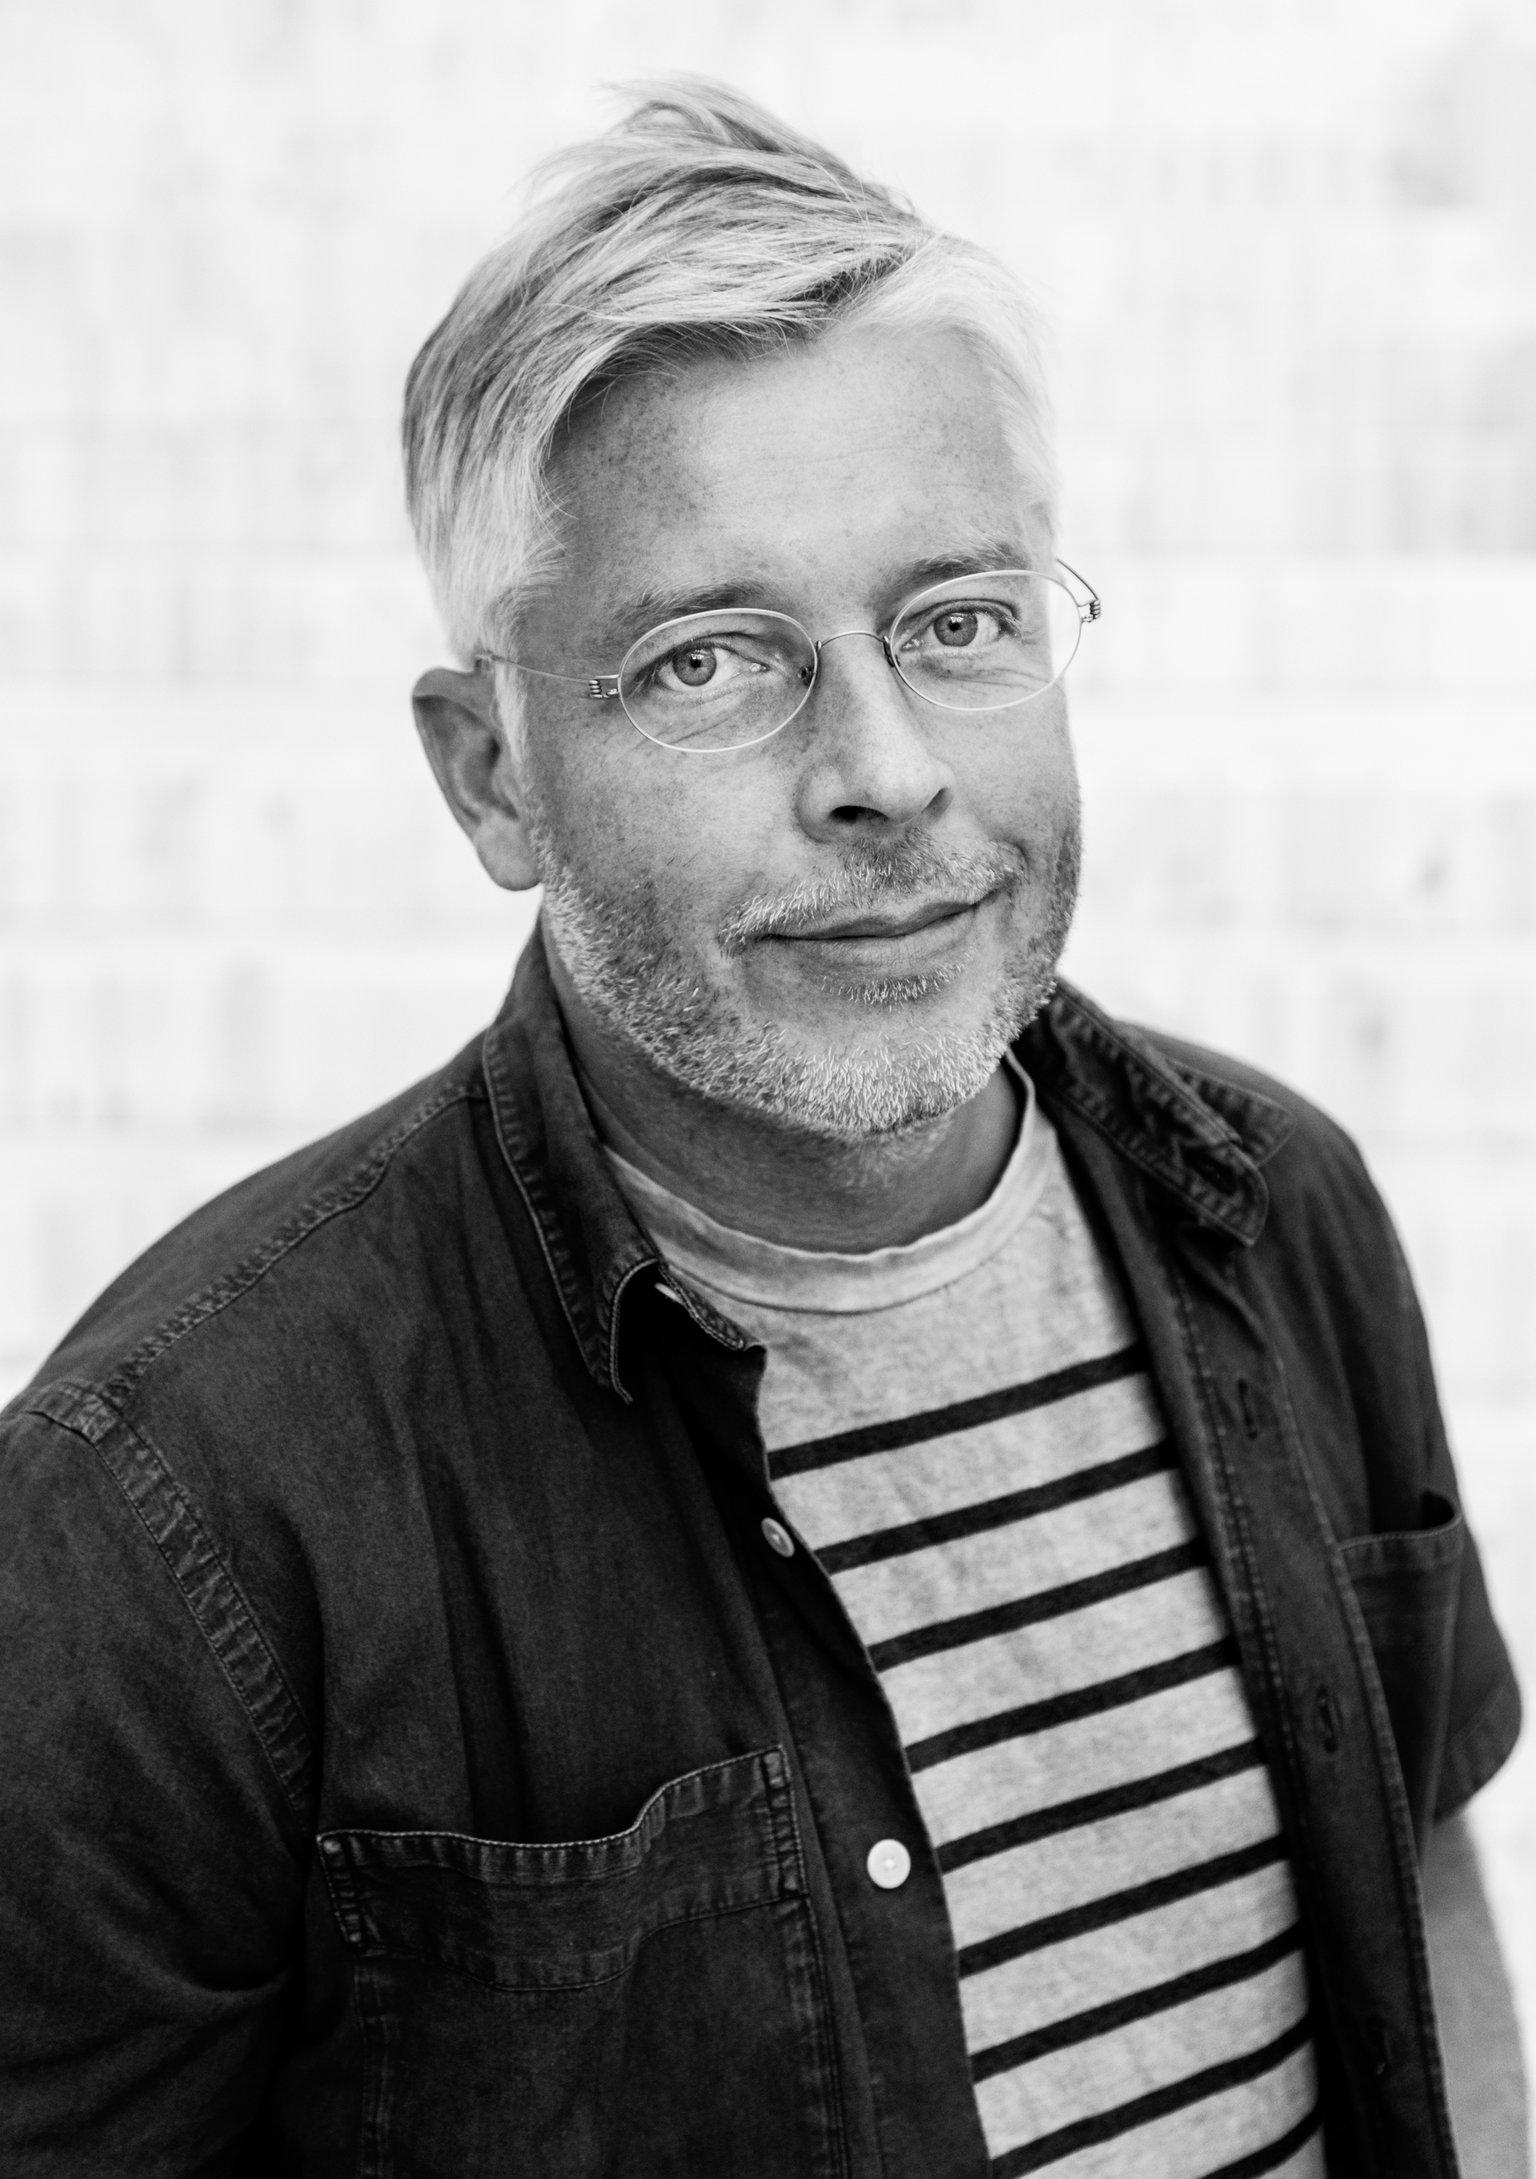 專著日常工作服就拍照的 IKEA 首席設計師 Marcus Engman